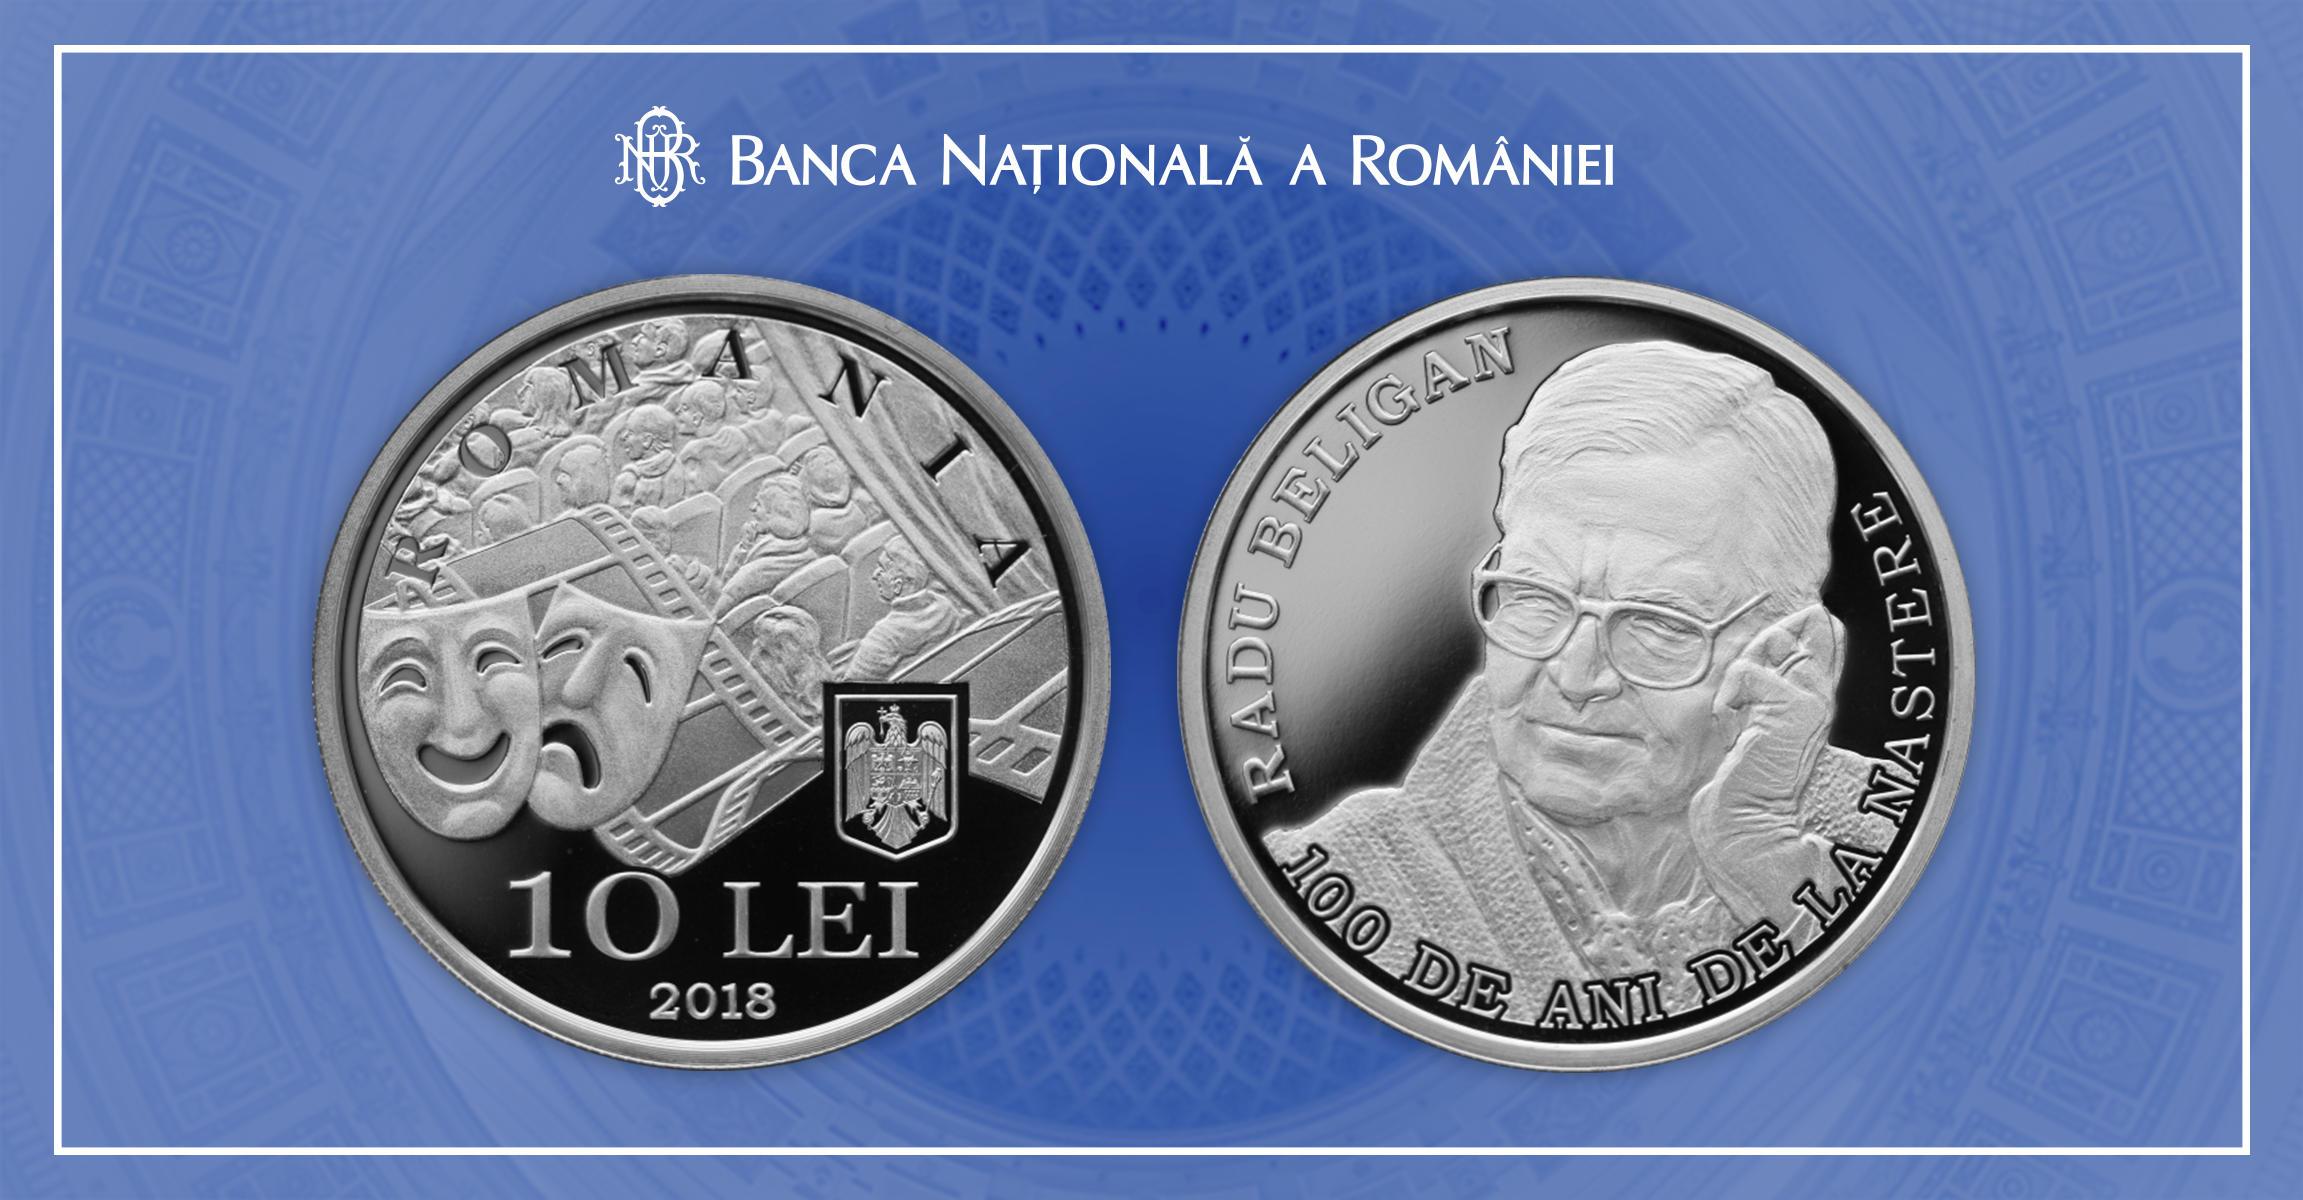 Cum arată moneda din argint cu chipul lui Radu Beligan, lansată de BNR! Atenție, colecționari!